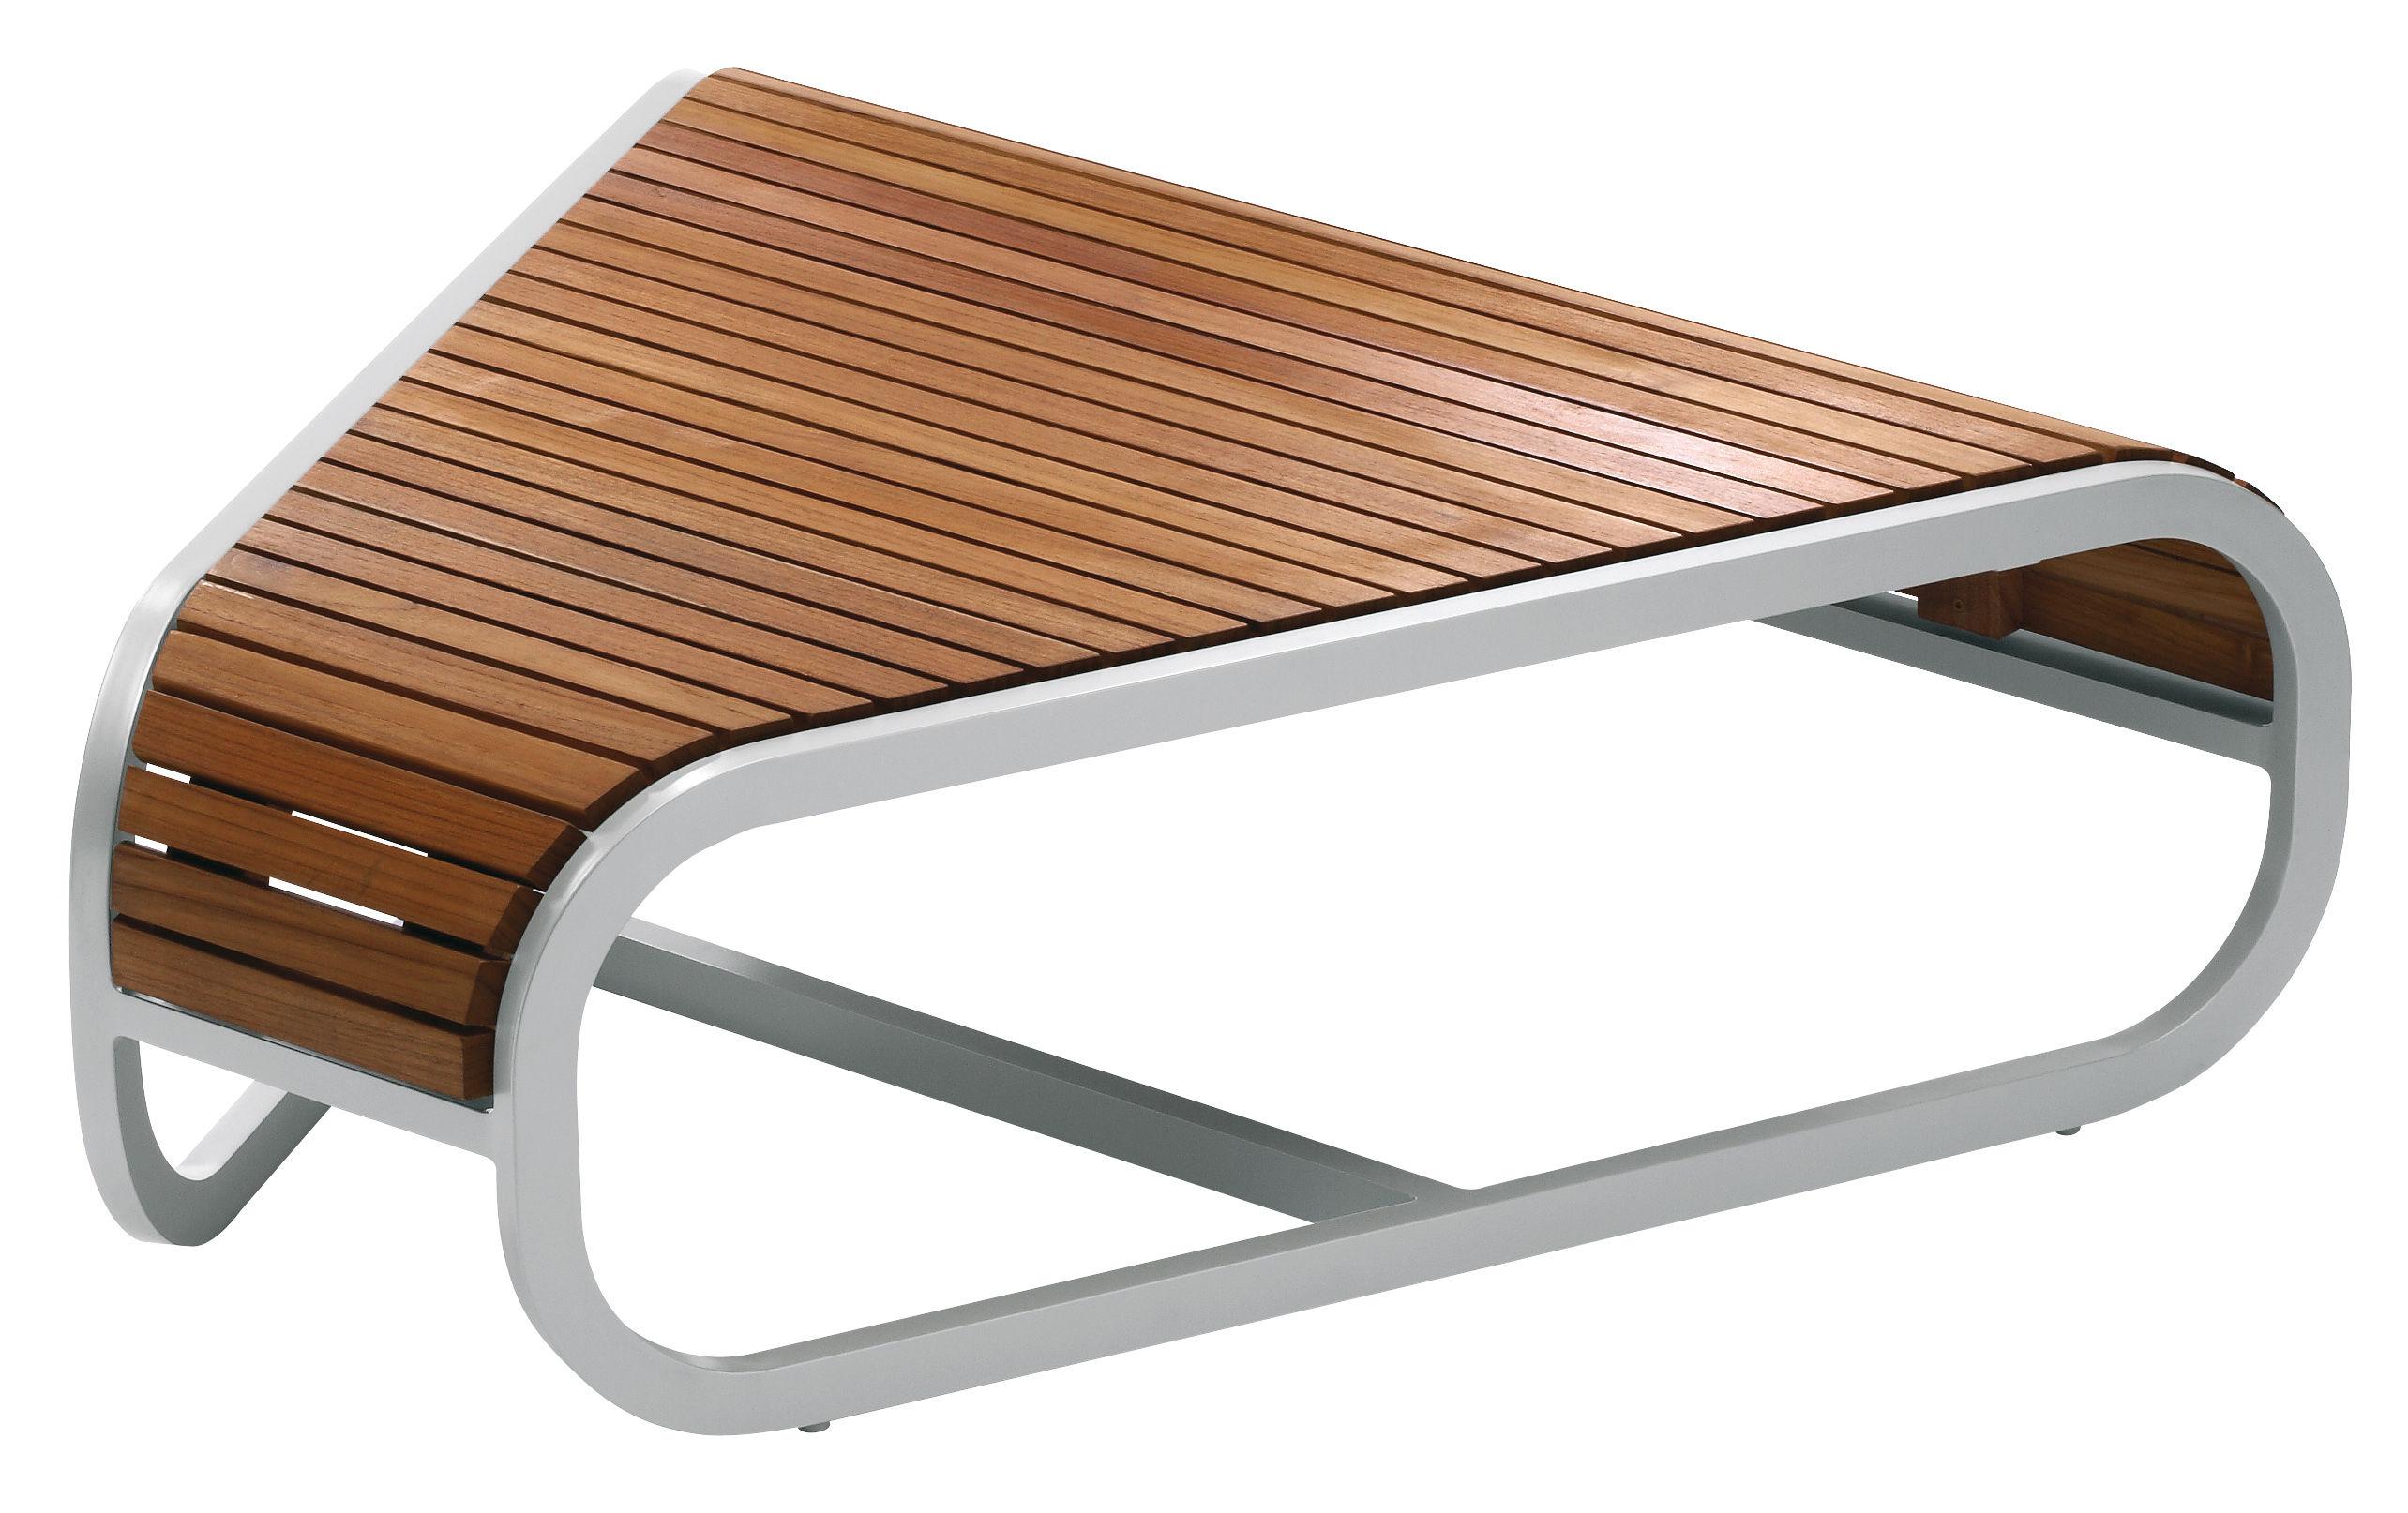 Arredamento - Tavolini  - Tavolino Tandem - Modulo d'angolo - Versione in teck di EGO Paris - Teck - Alluminio laccato, Teck